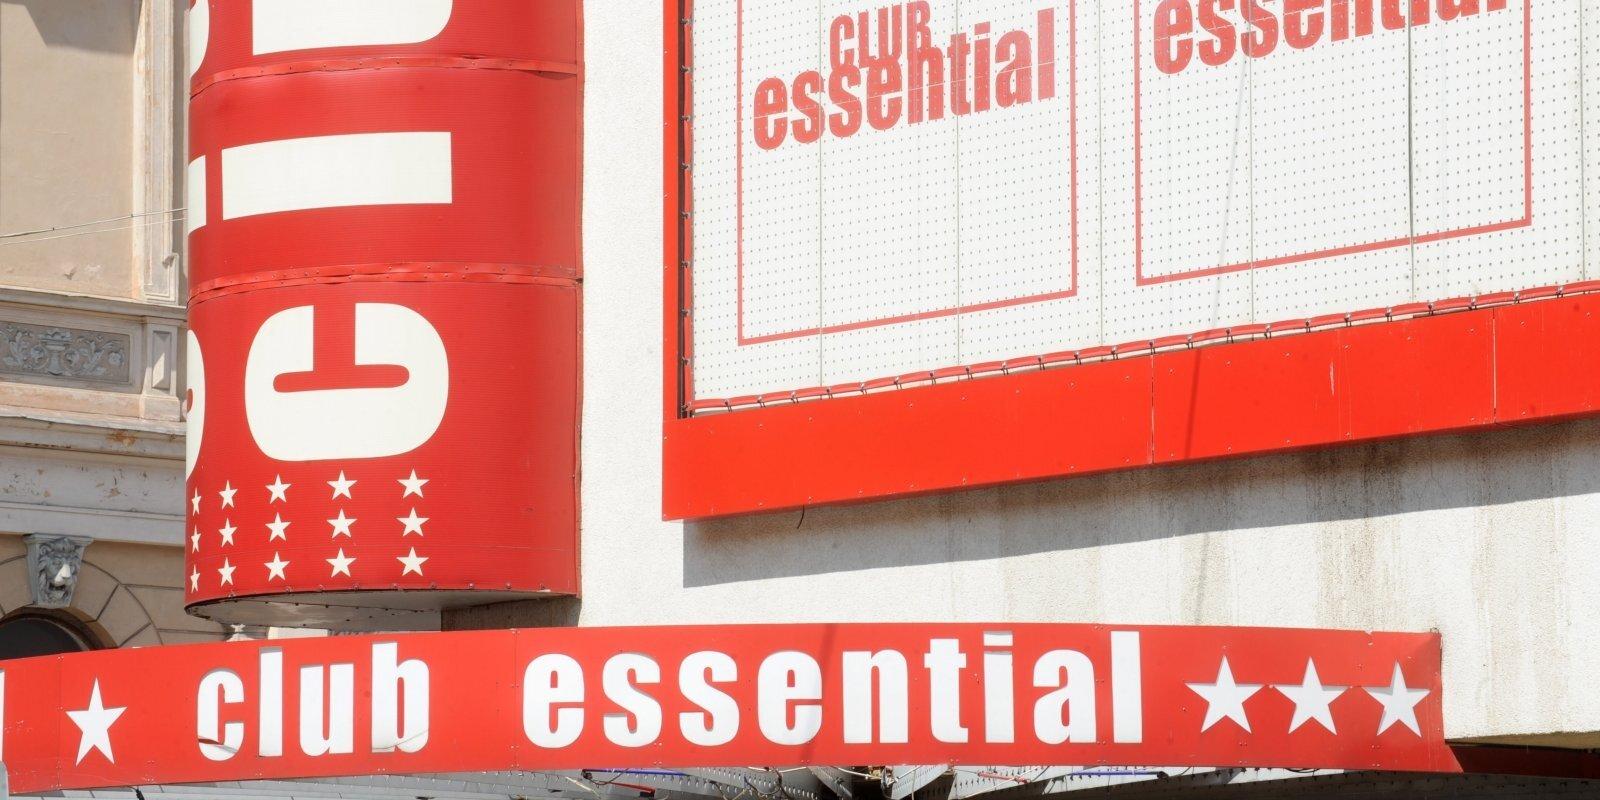 Dārgi un grezni: naktskluba 'Essential' sākums un gals